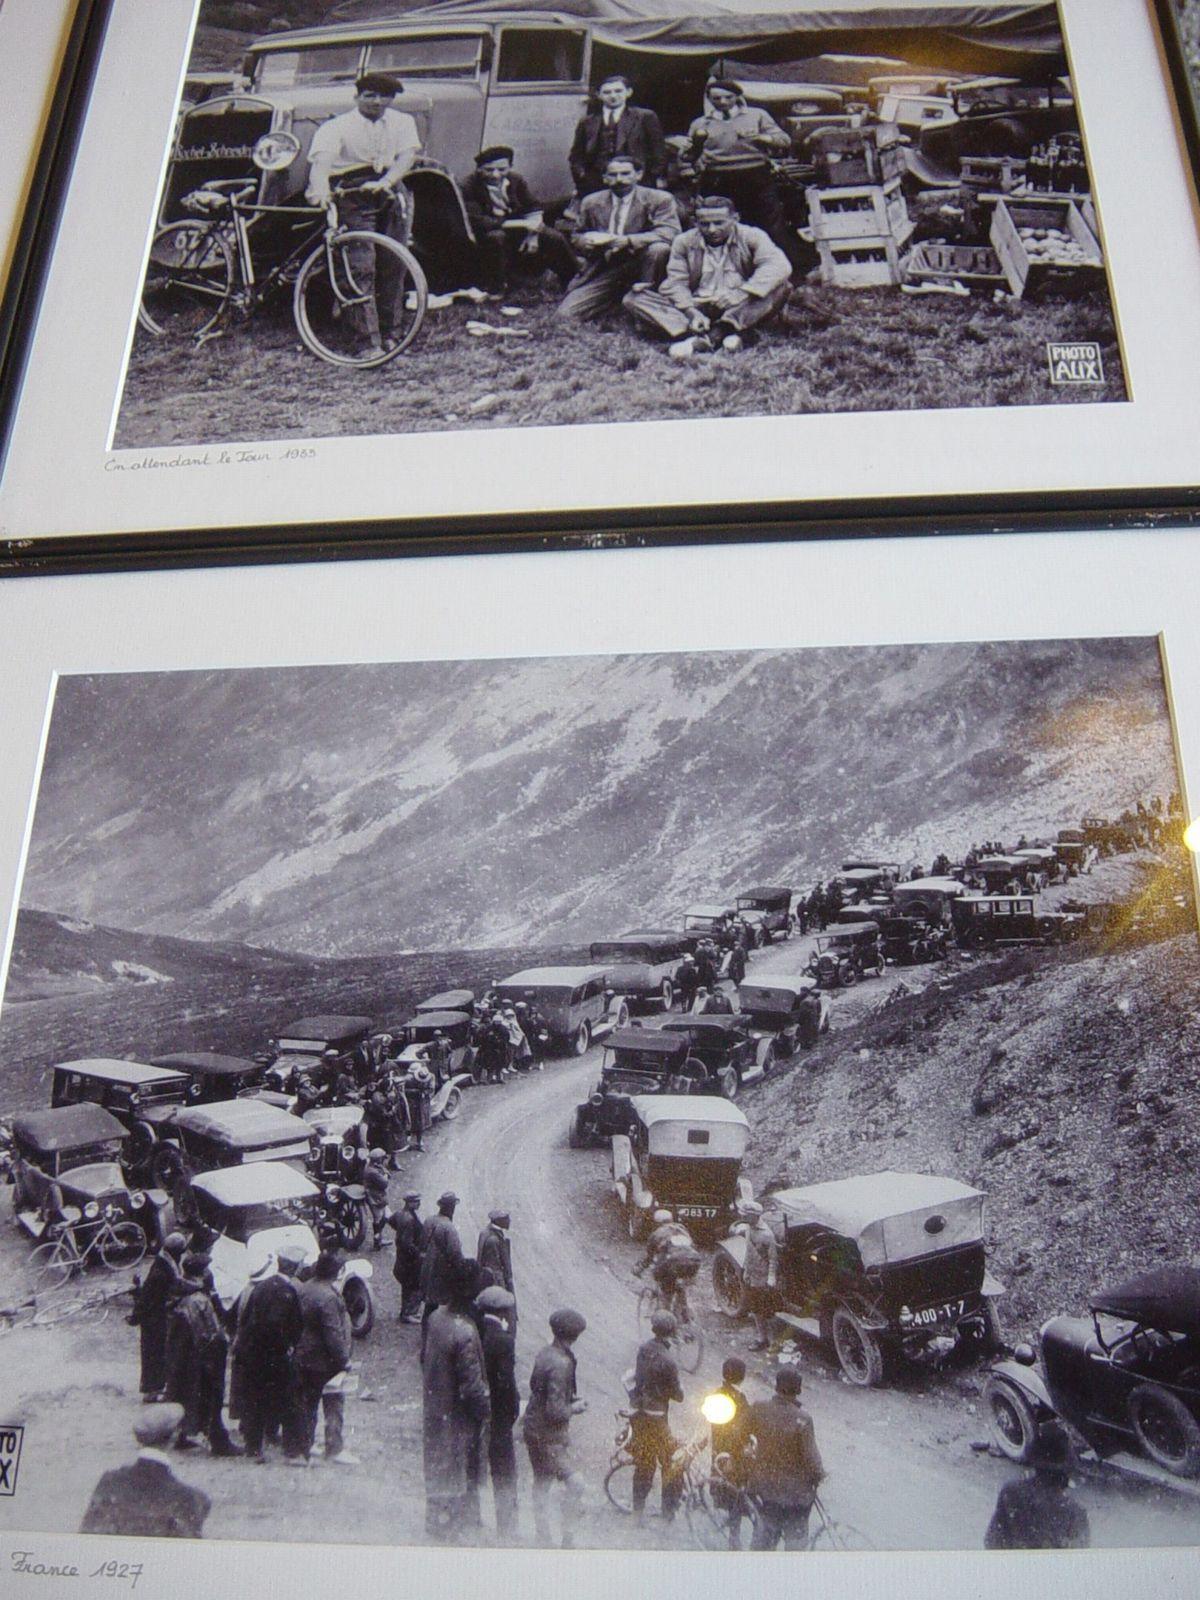 En attendant de Tour 1933 et passage des coureurs au sommet du col du Tourmalet 1927.